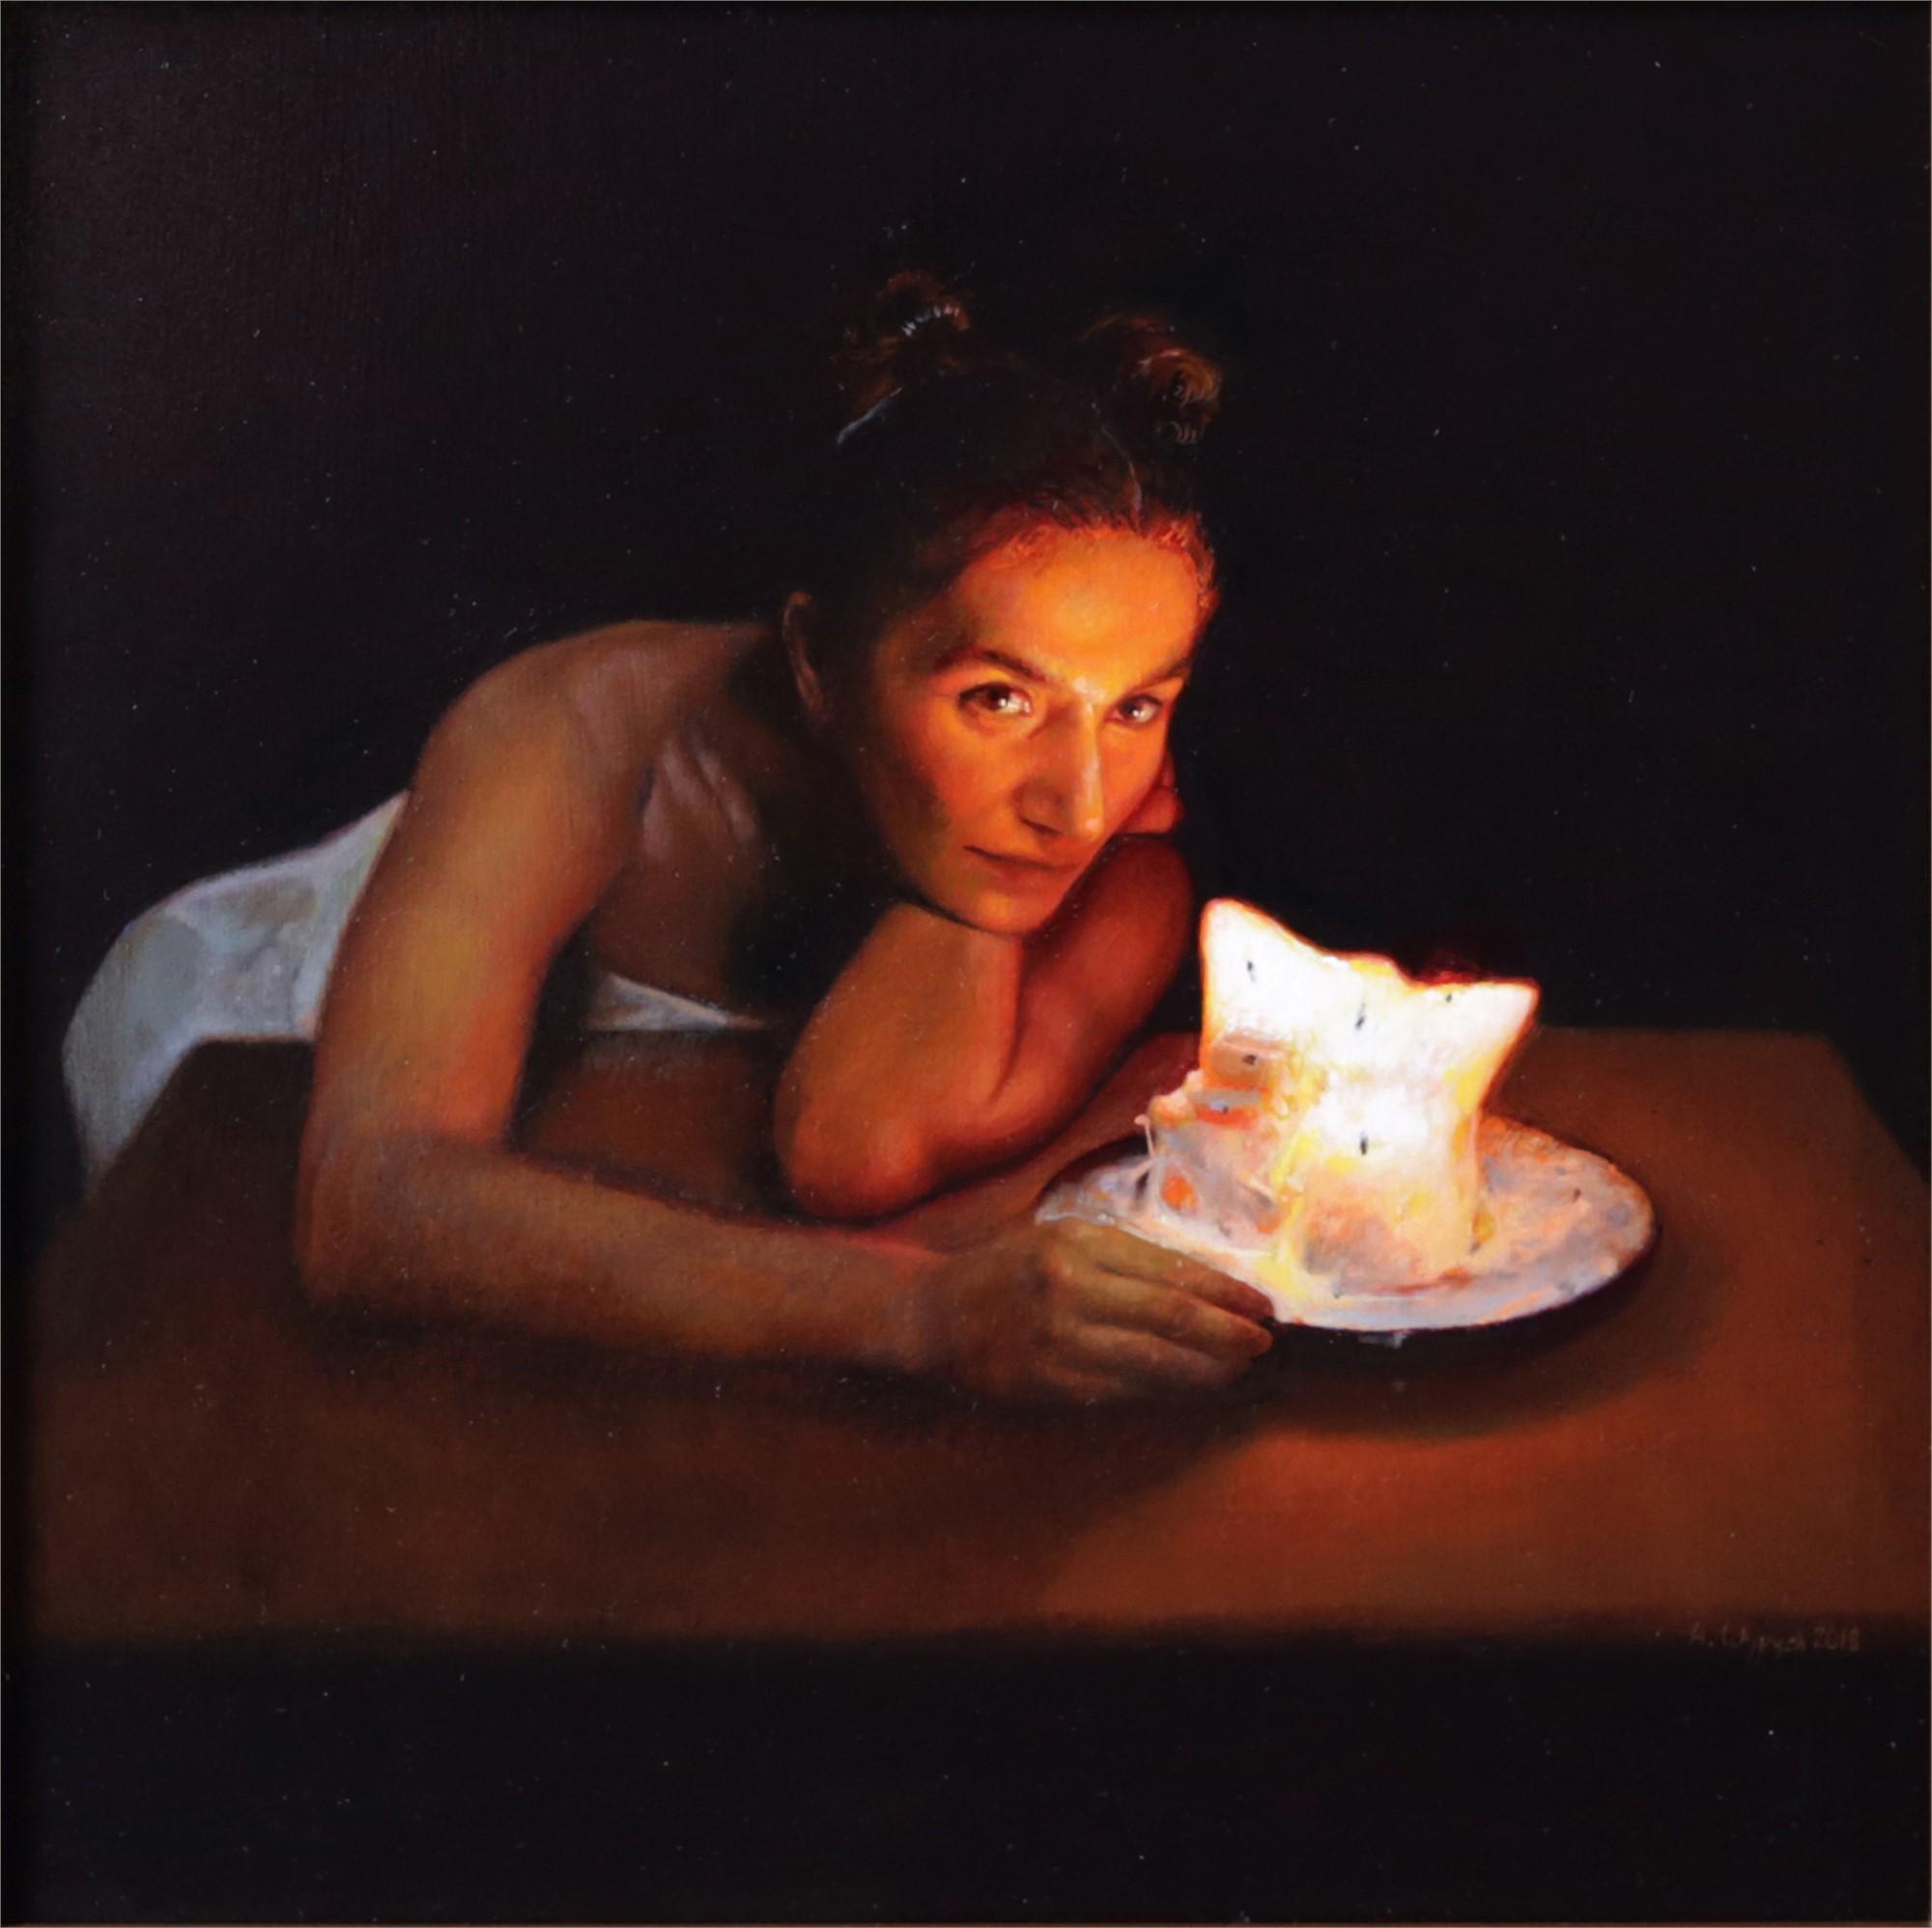 Fire in the Dark by Anna Wypych